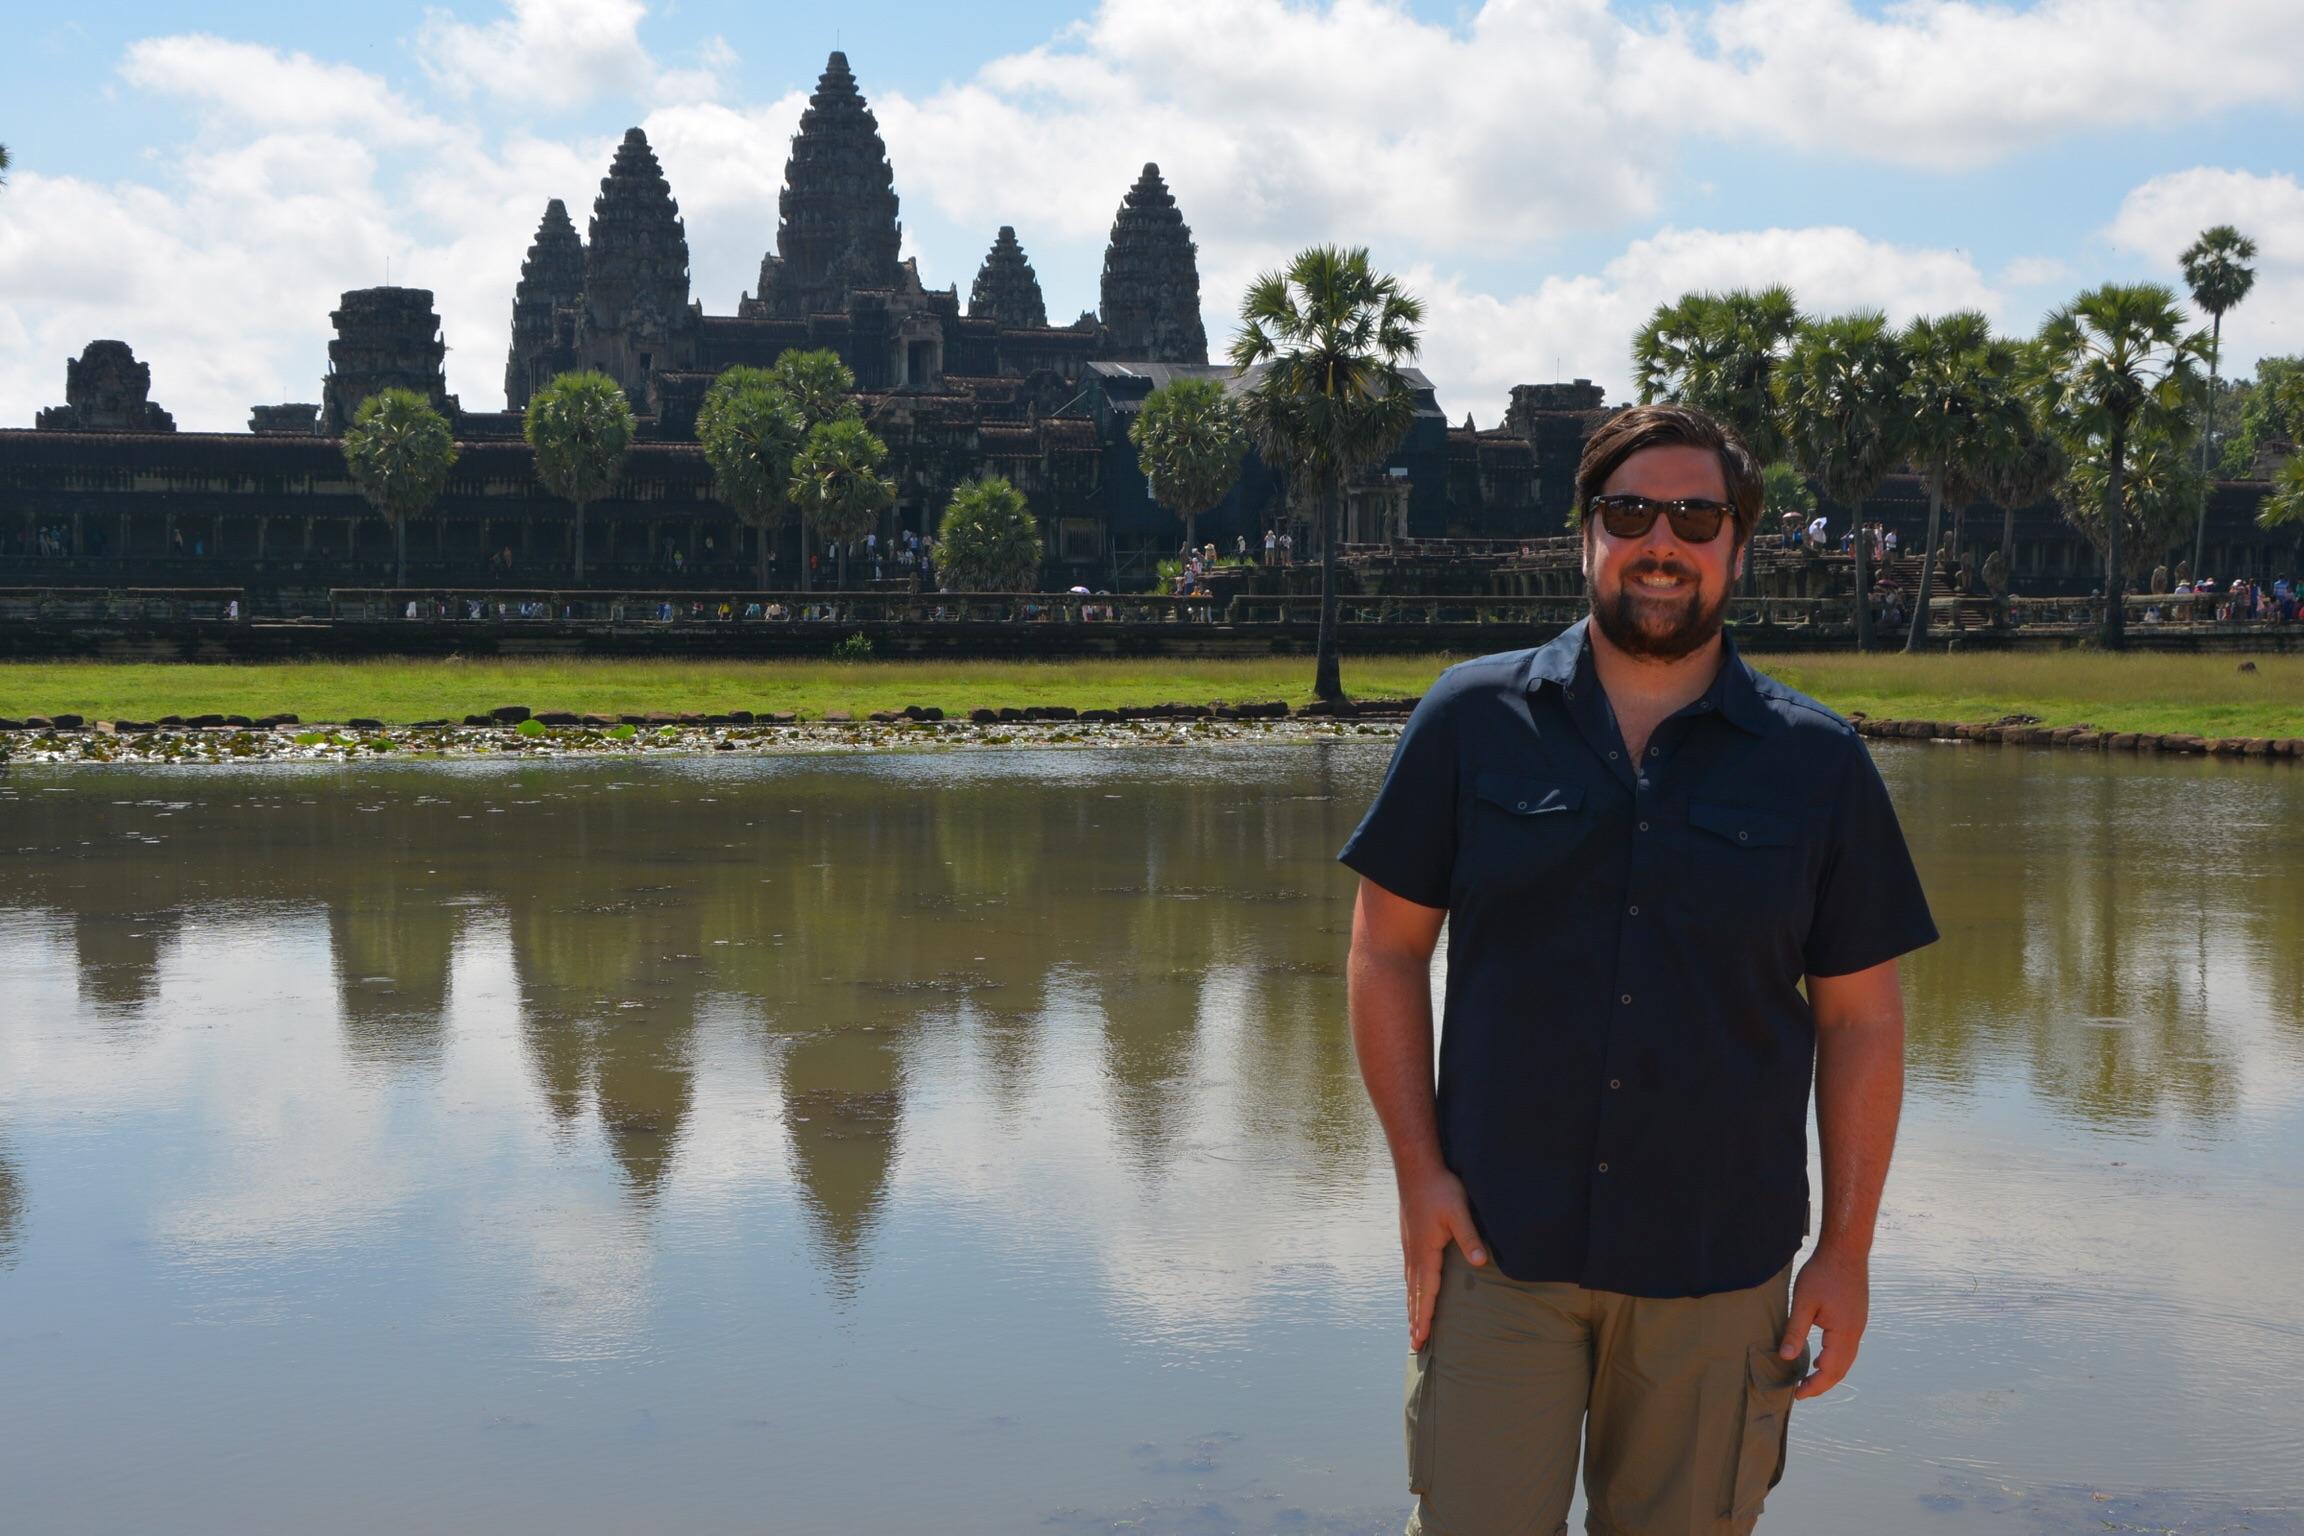 Outside Angkor Wat